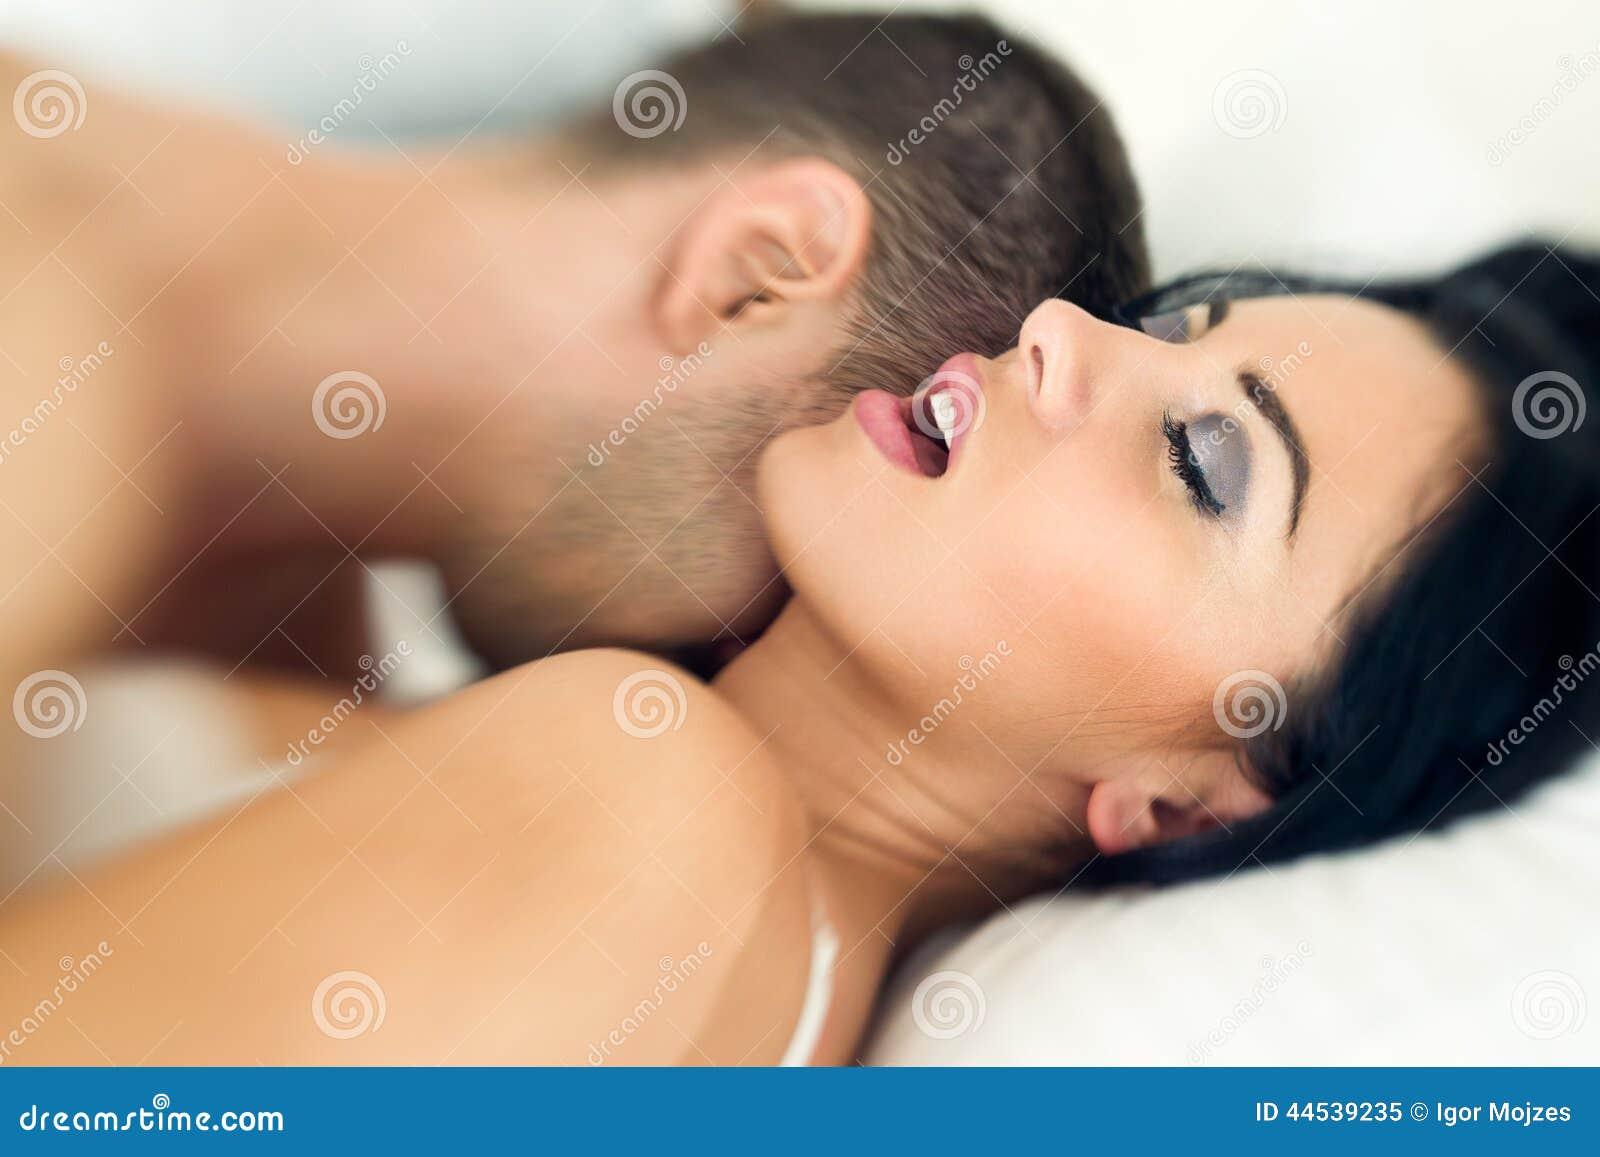 Страстный оргазм пары 6 фотография